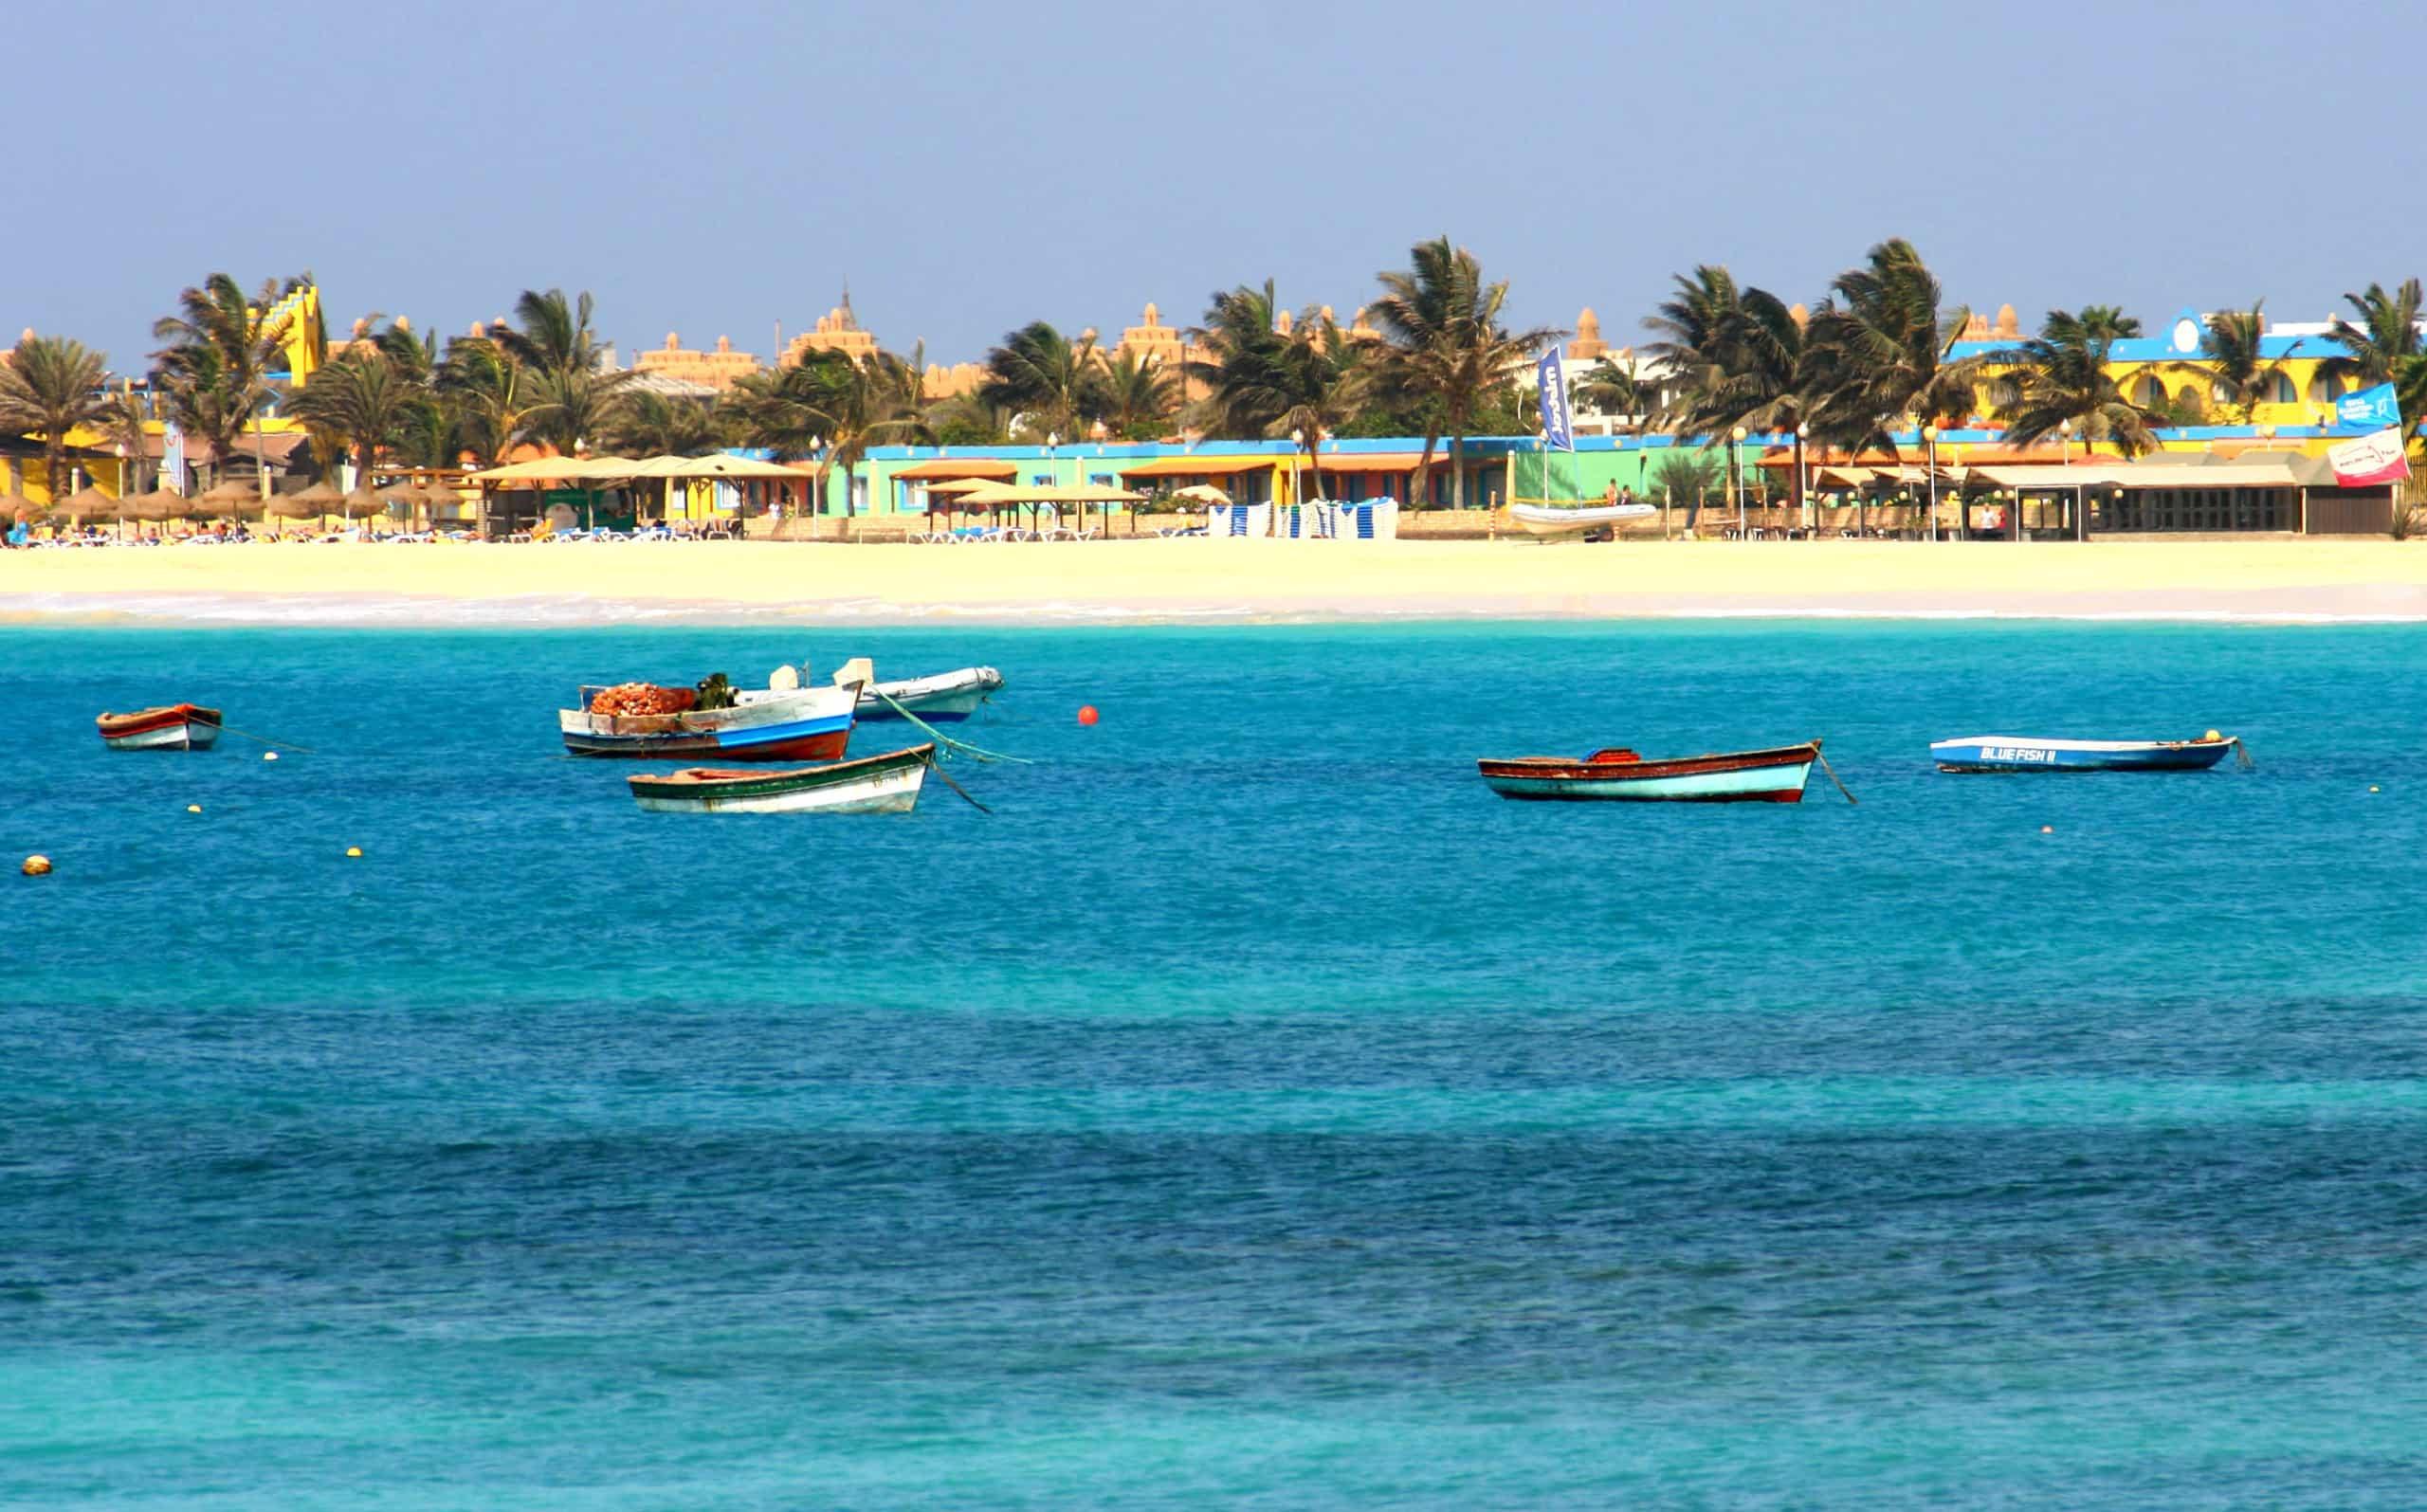 Pirâmides de pedras feitas por turistas ameaçam fauna de Cabo Verde